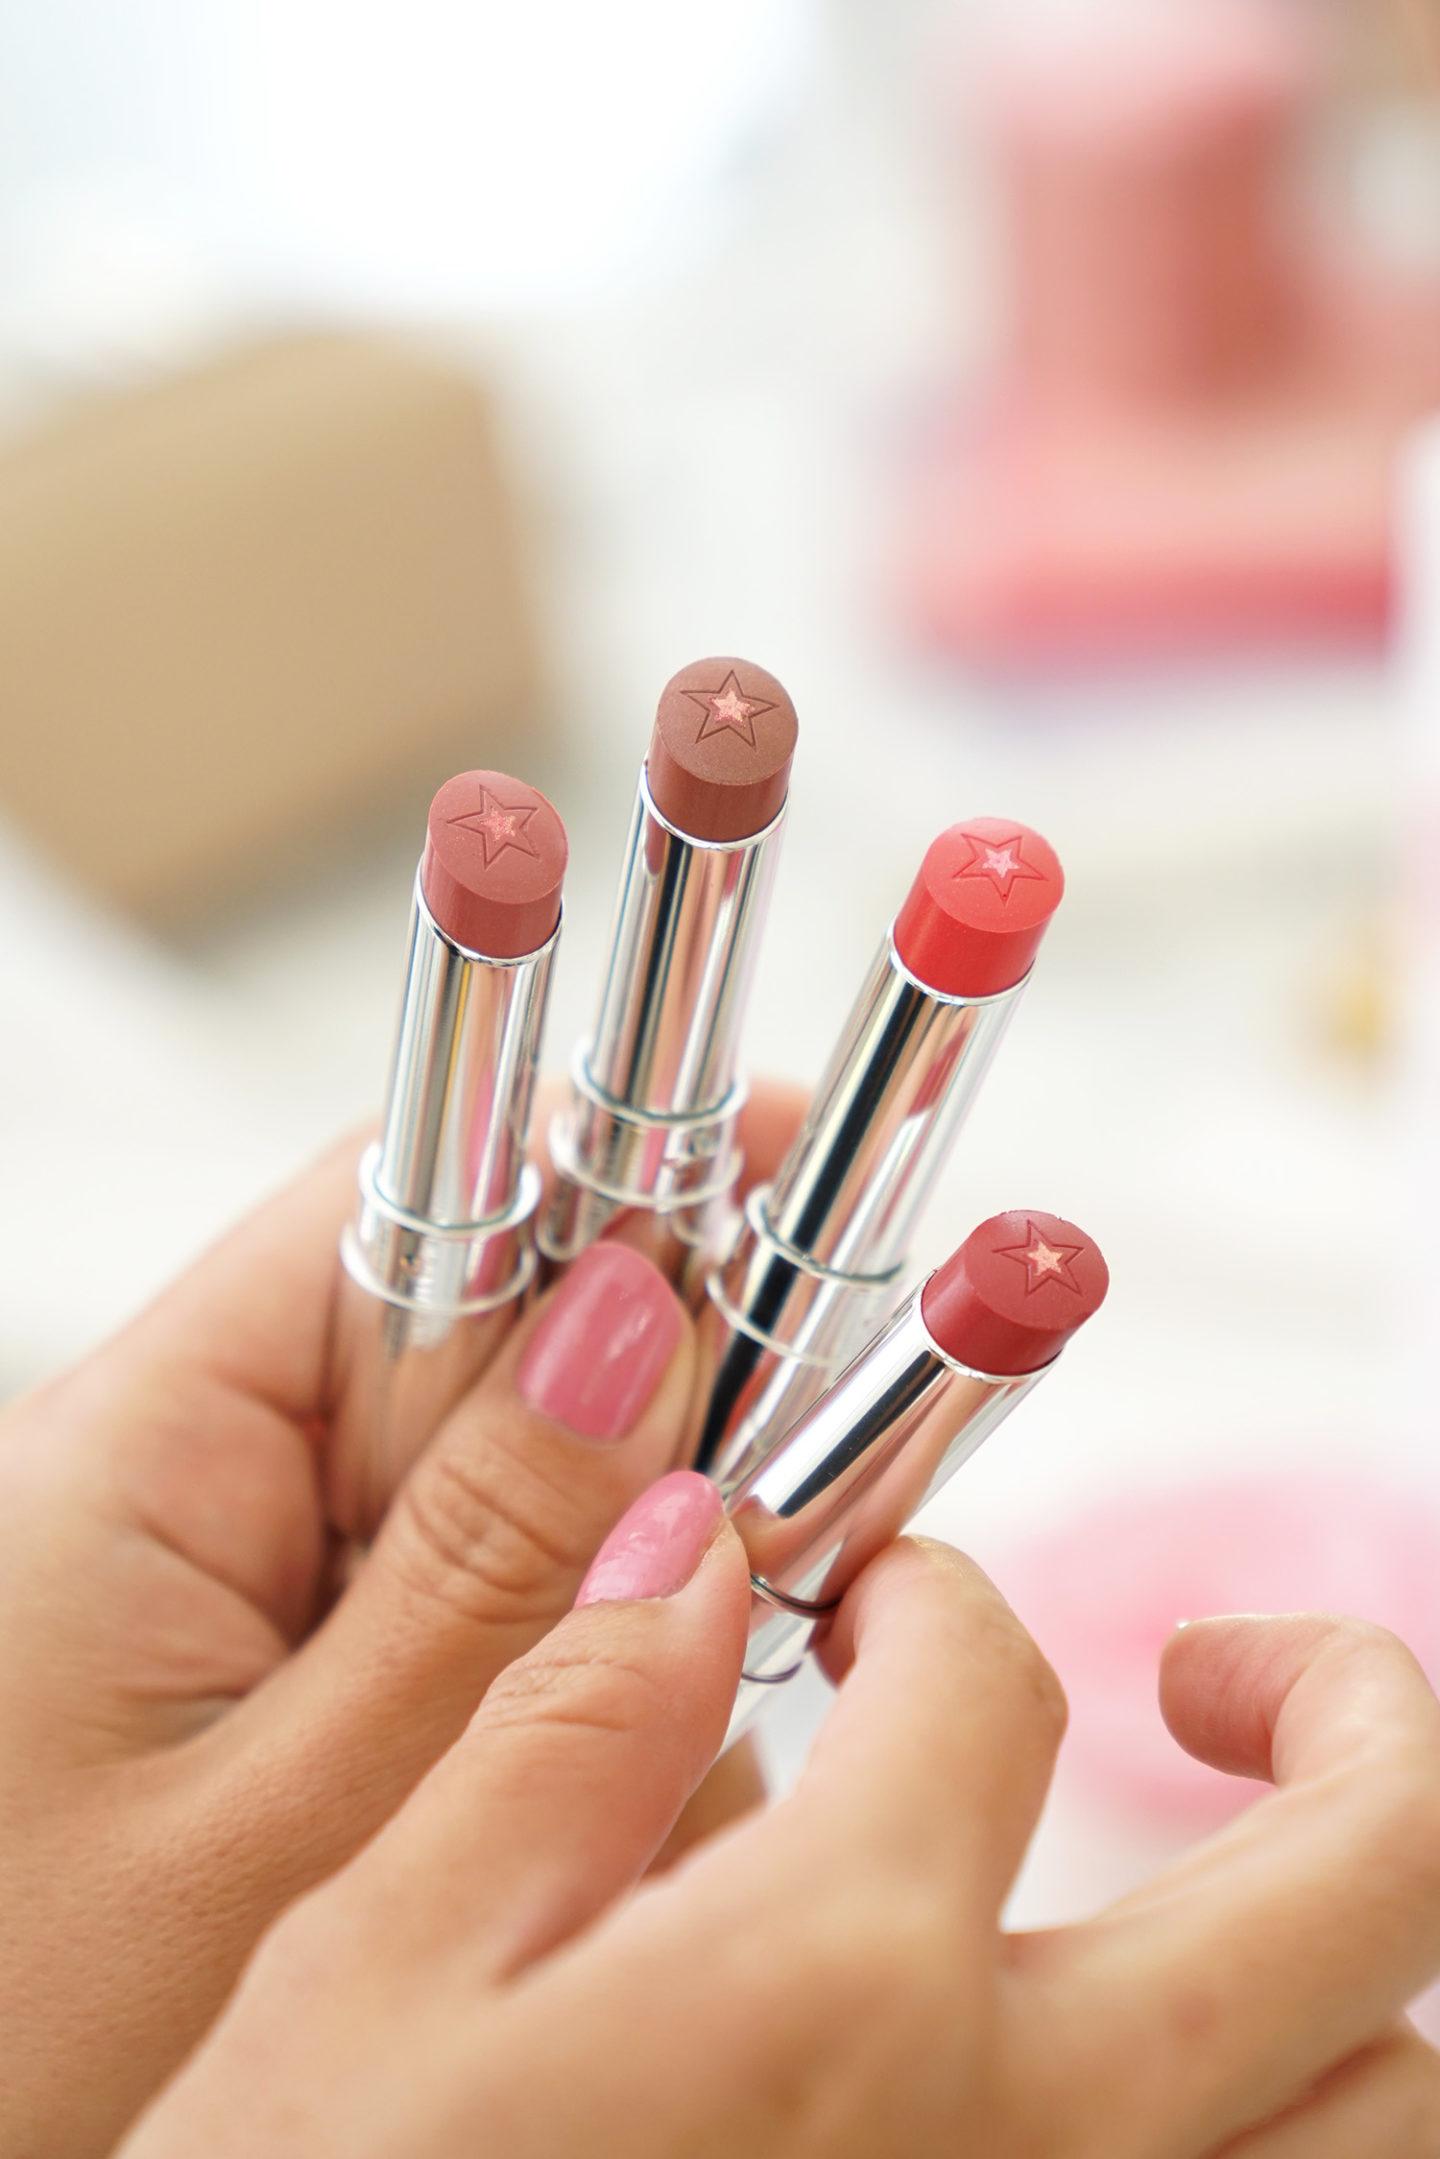 Chronique de Dior Addict Stellar Halo Shine Lipstick